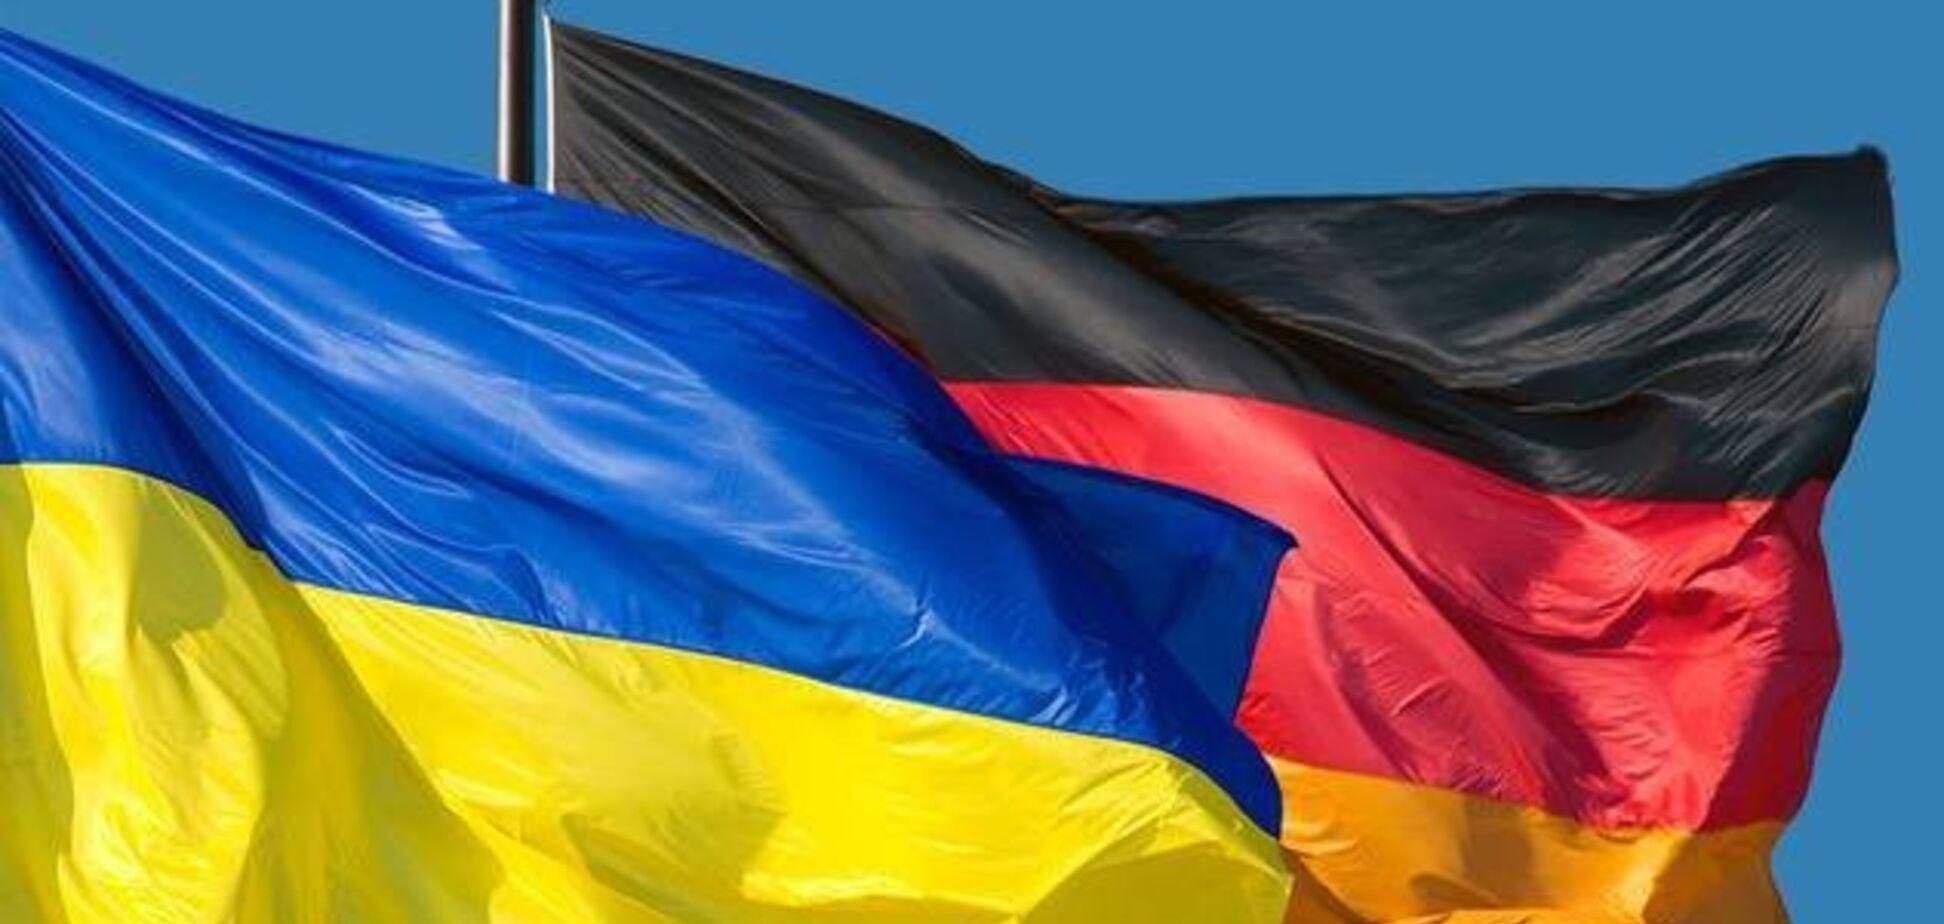 Иллюстрация. Флаги Украины и Германии. Источник: Газета 2000